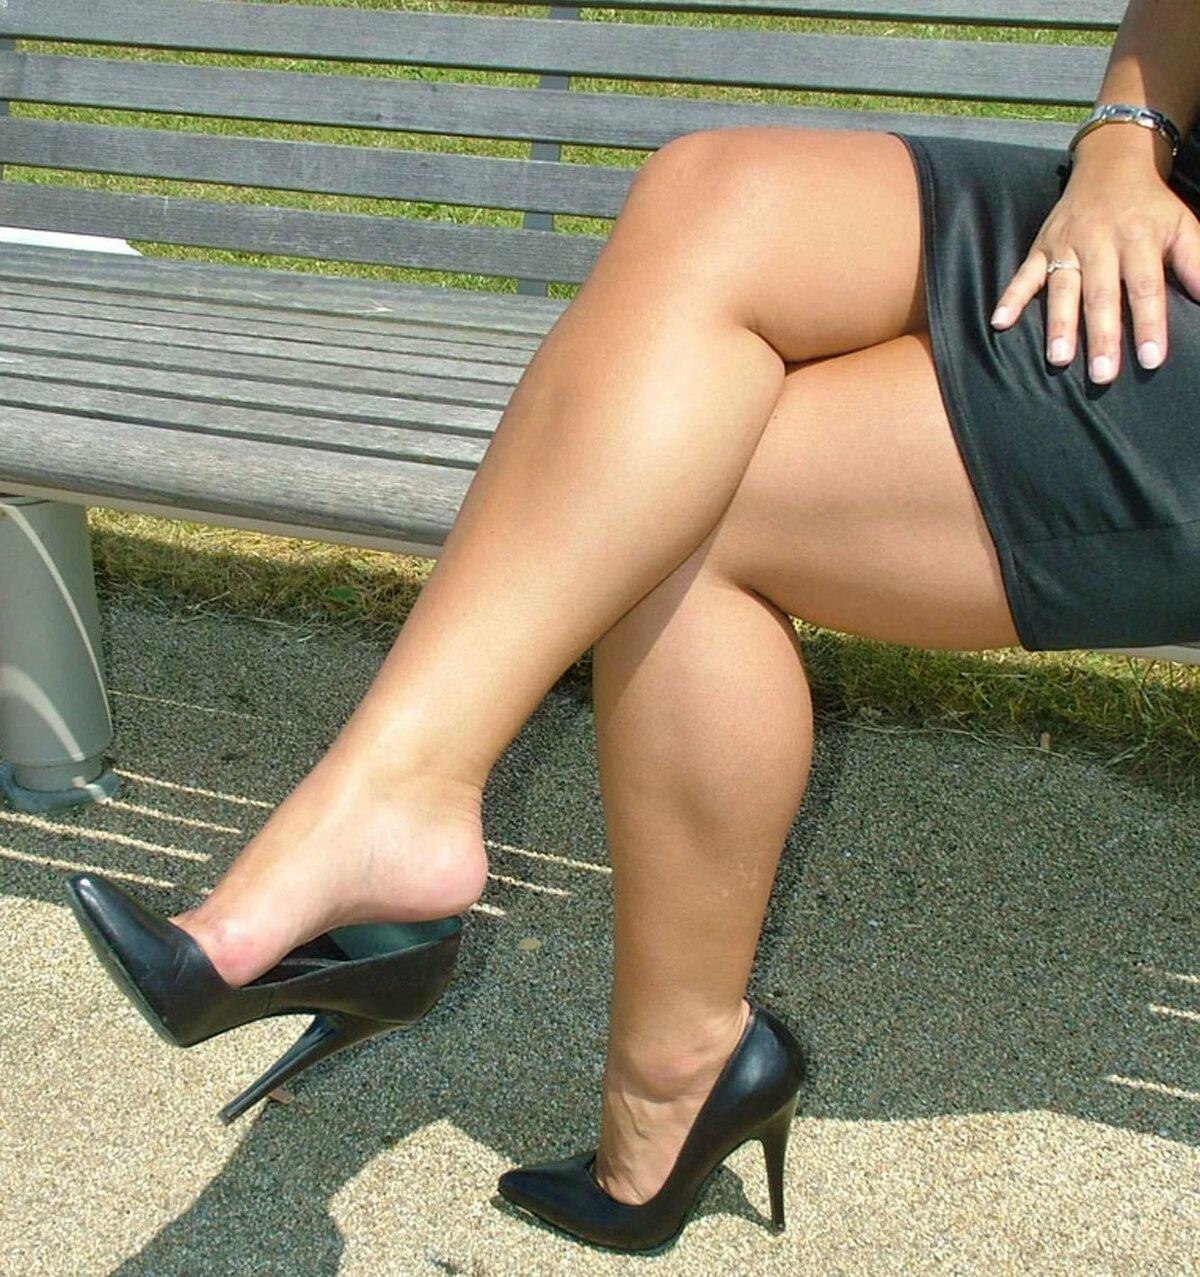 Служат армии фото мясистые ноги девушки фото брежневу выебали очко